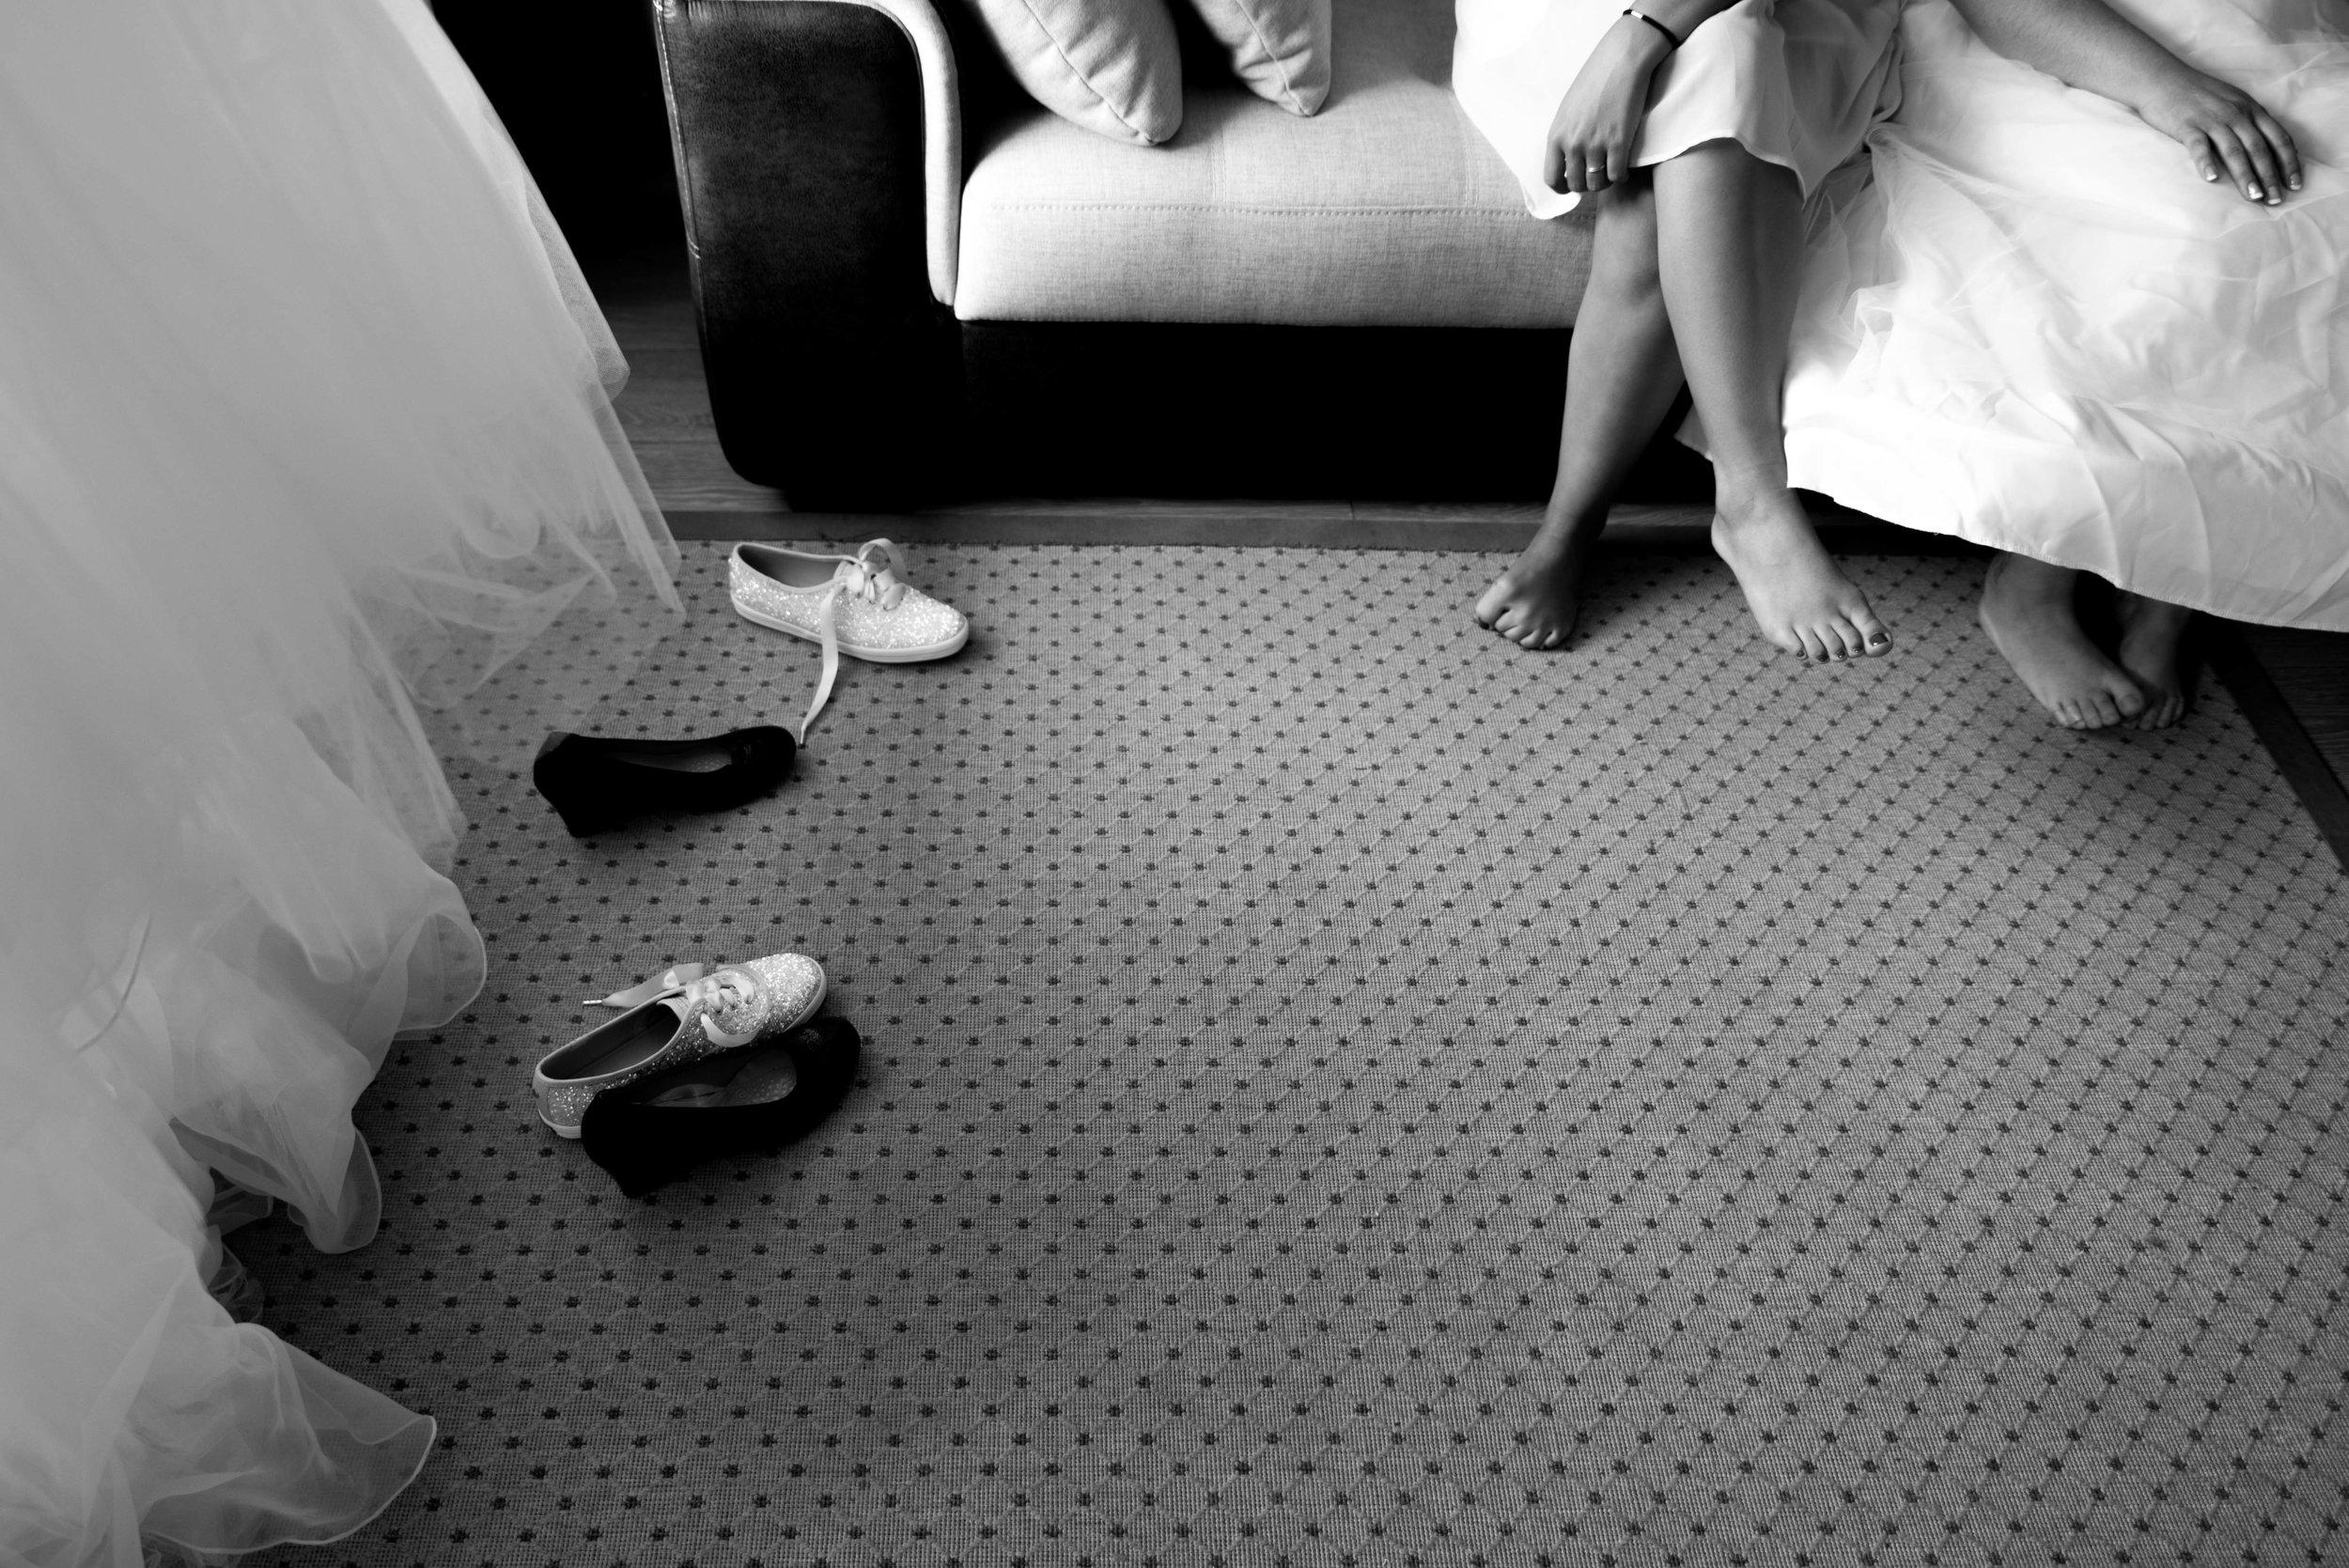 Léa-Fery-photographe-professionnel-lyon-rhone-alpes-portrait-mariage-couple-amour-lovesession-engagement-elopment-2047.jpg